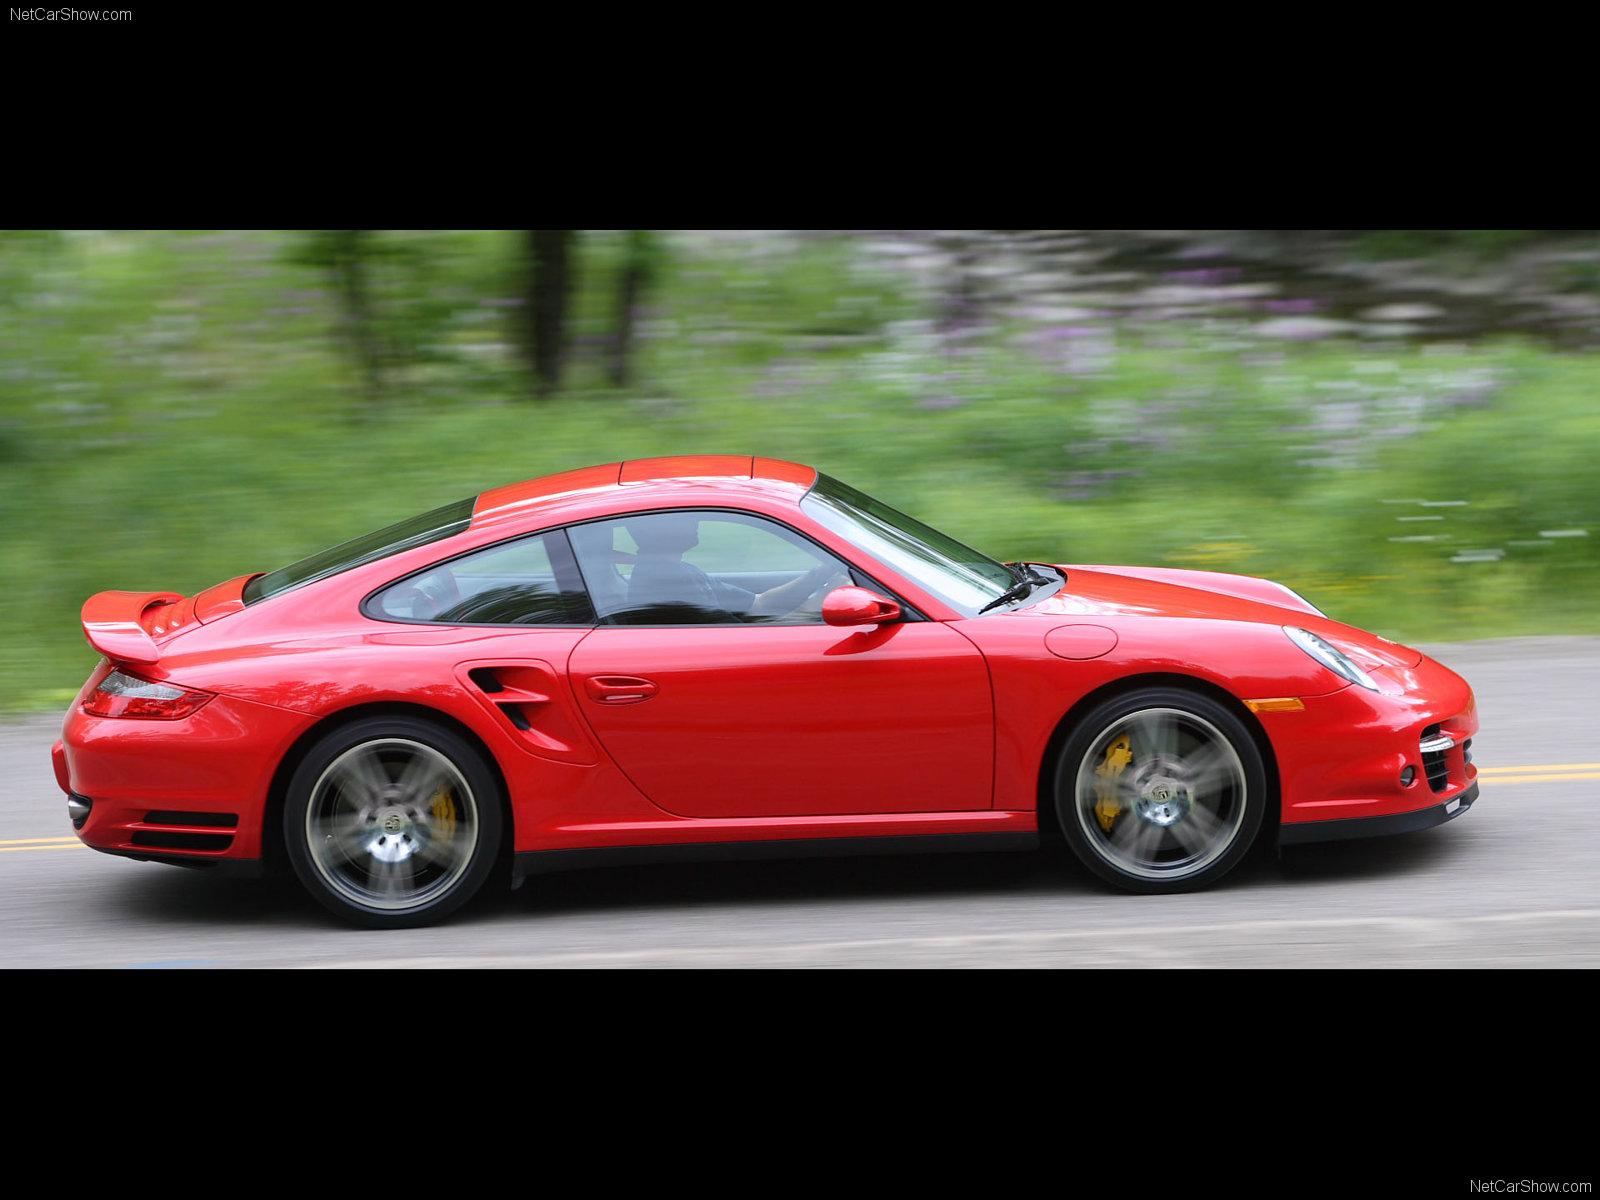 Porsche 911 red #6